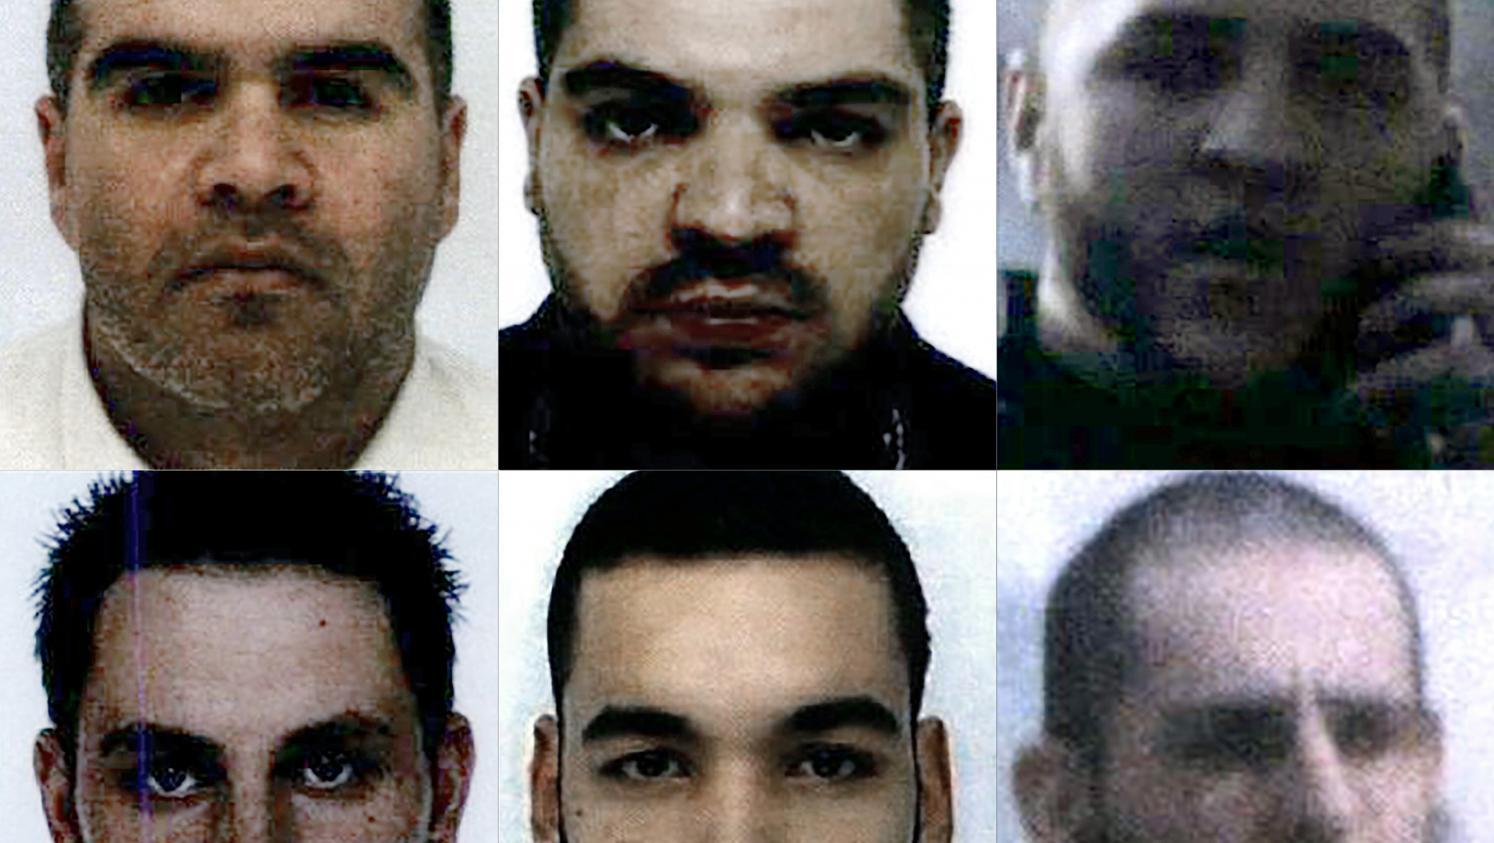 Jihadistes français condamnés à mort en Irak : leurs familles dénoncent des